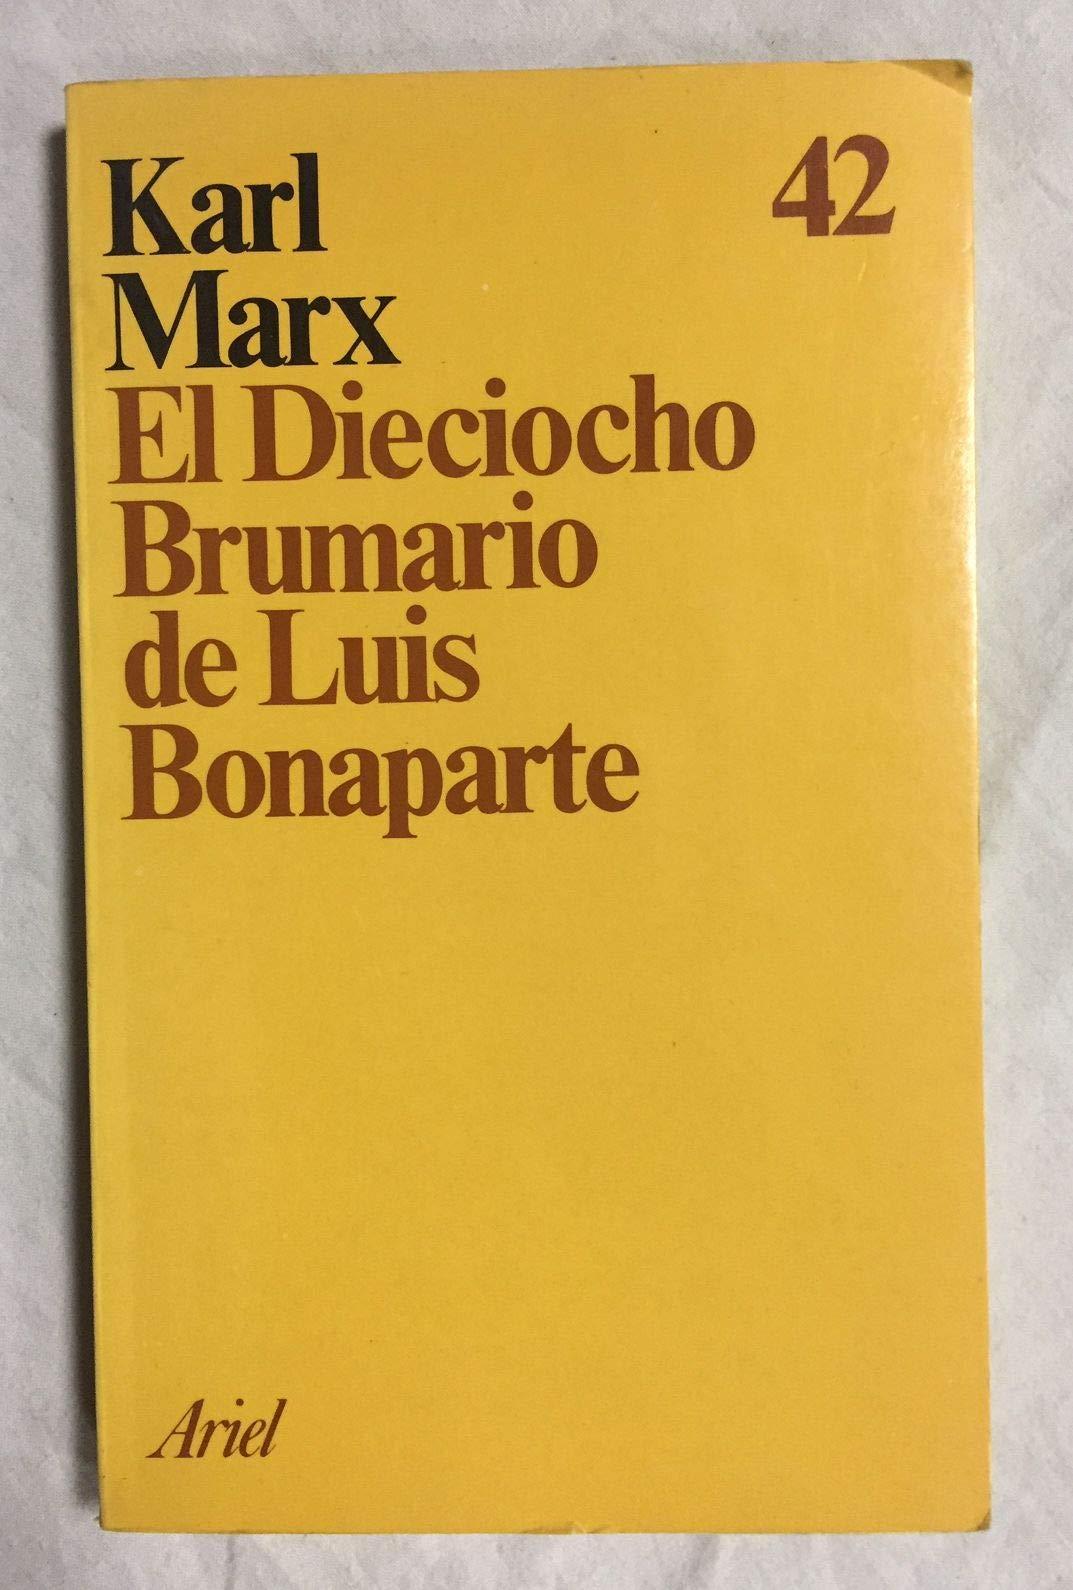 El dieciocho brumario de Luis bonaparte: Amazon.es: Marx, Karl: Libros